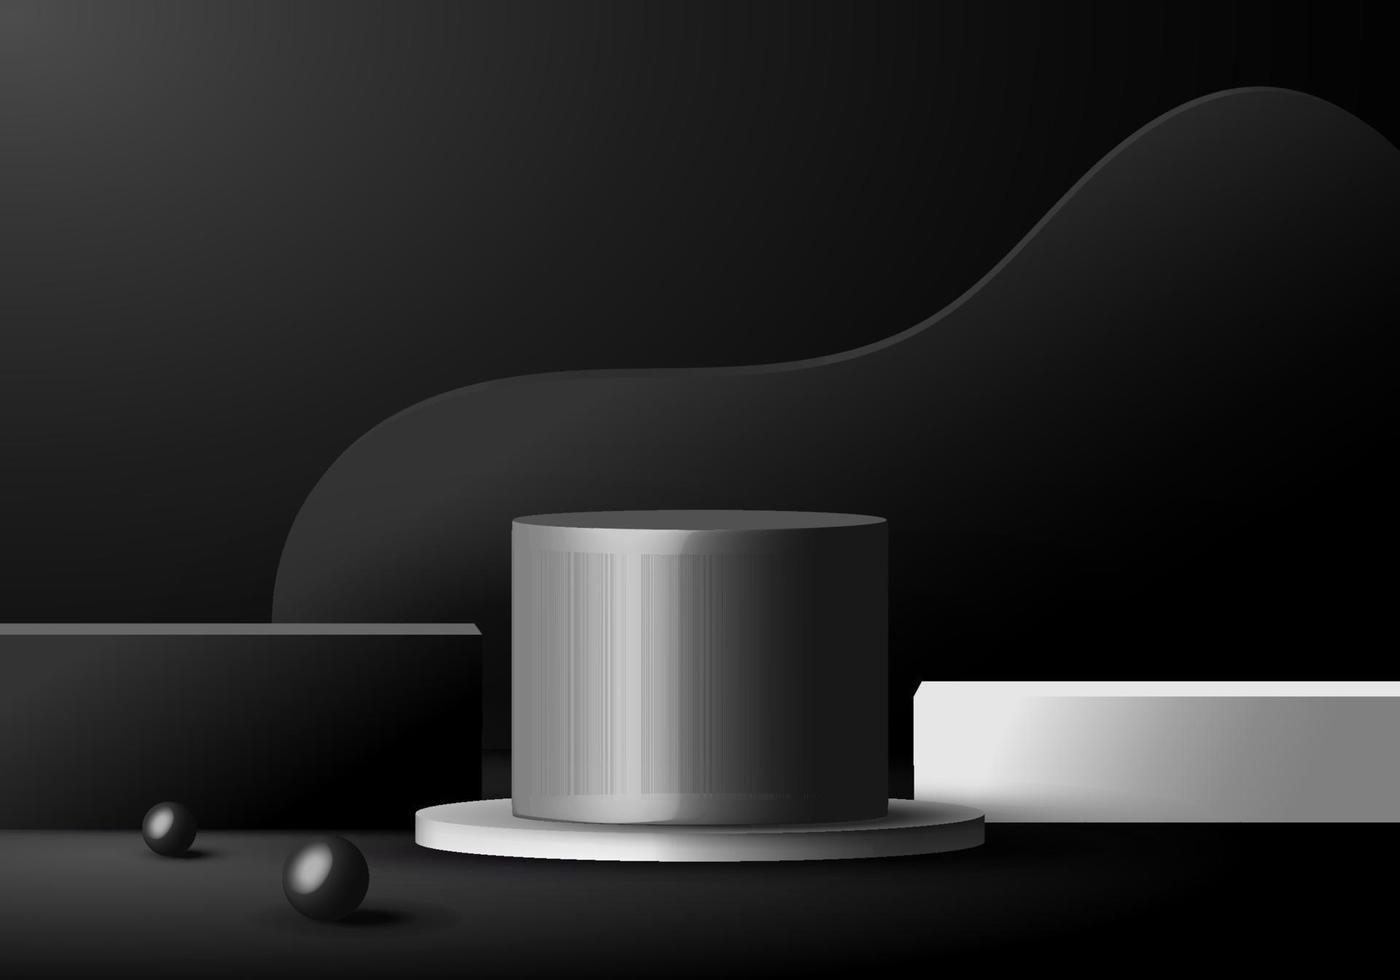 3d minimale geometrische vormen van scène zwart-witte podia op donkere achtergrond. vector